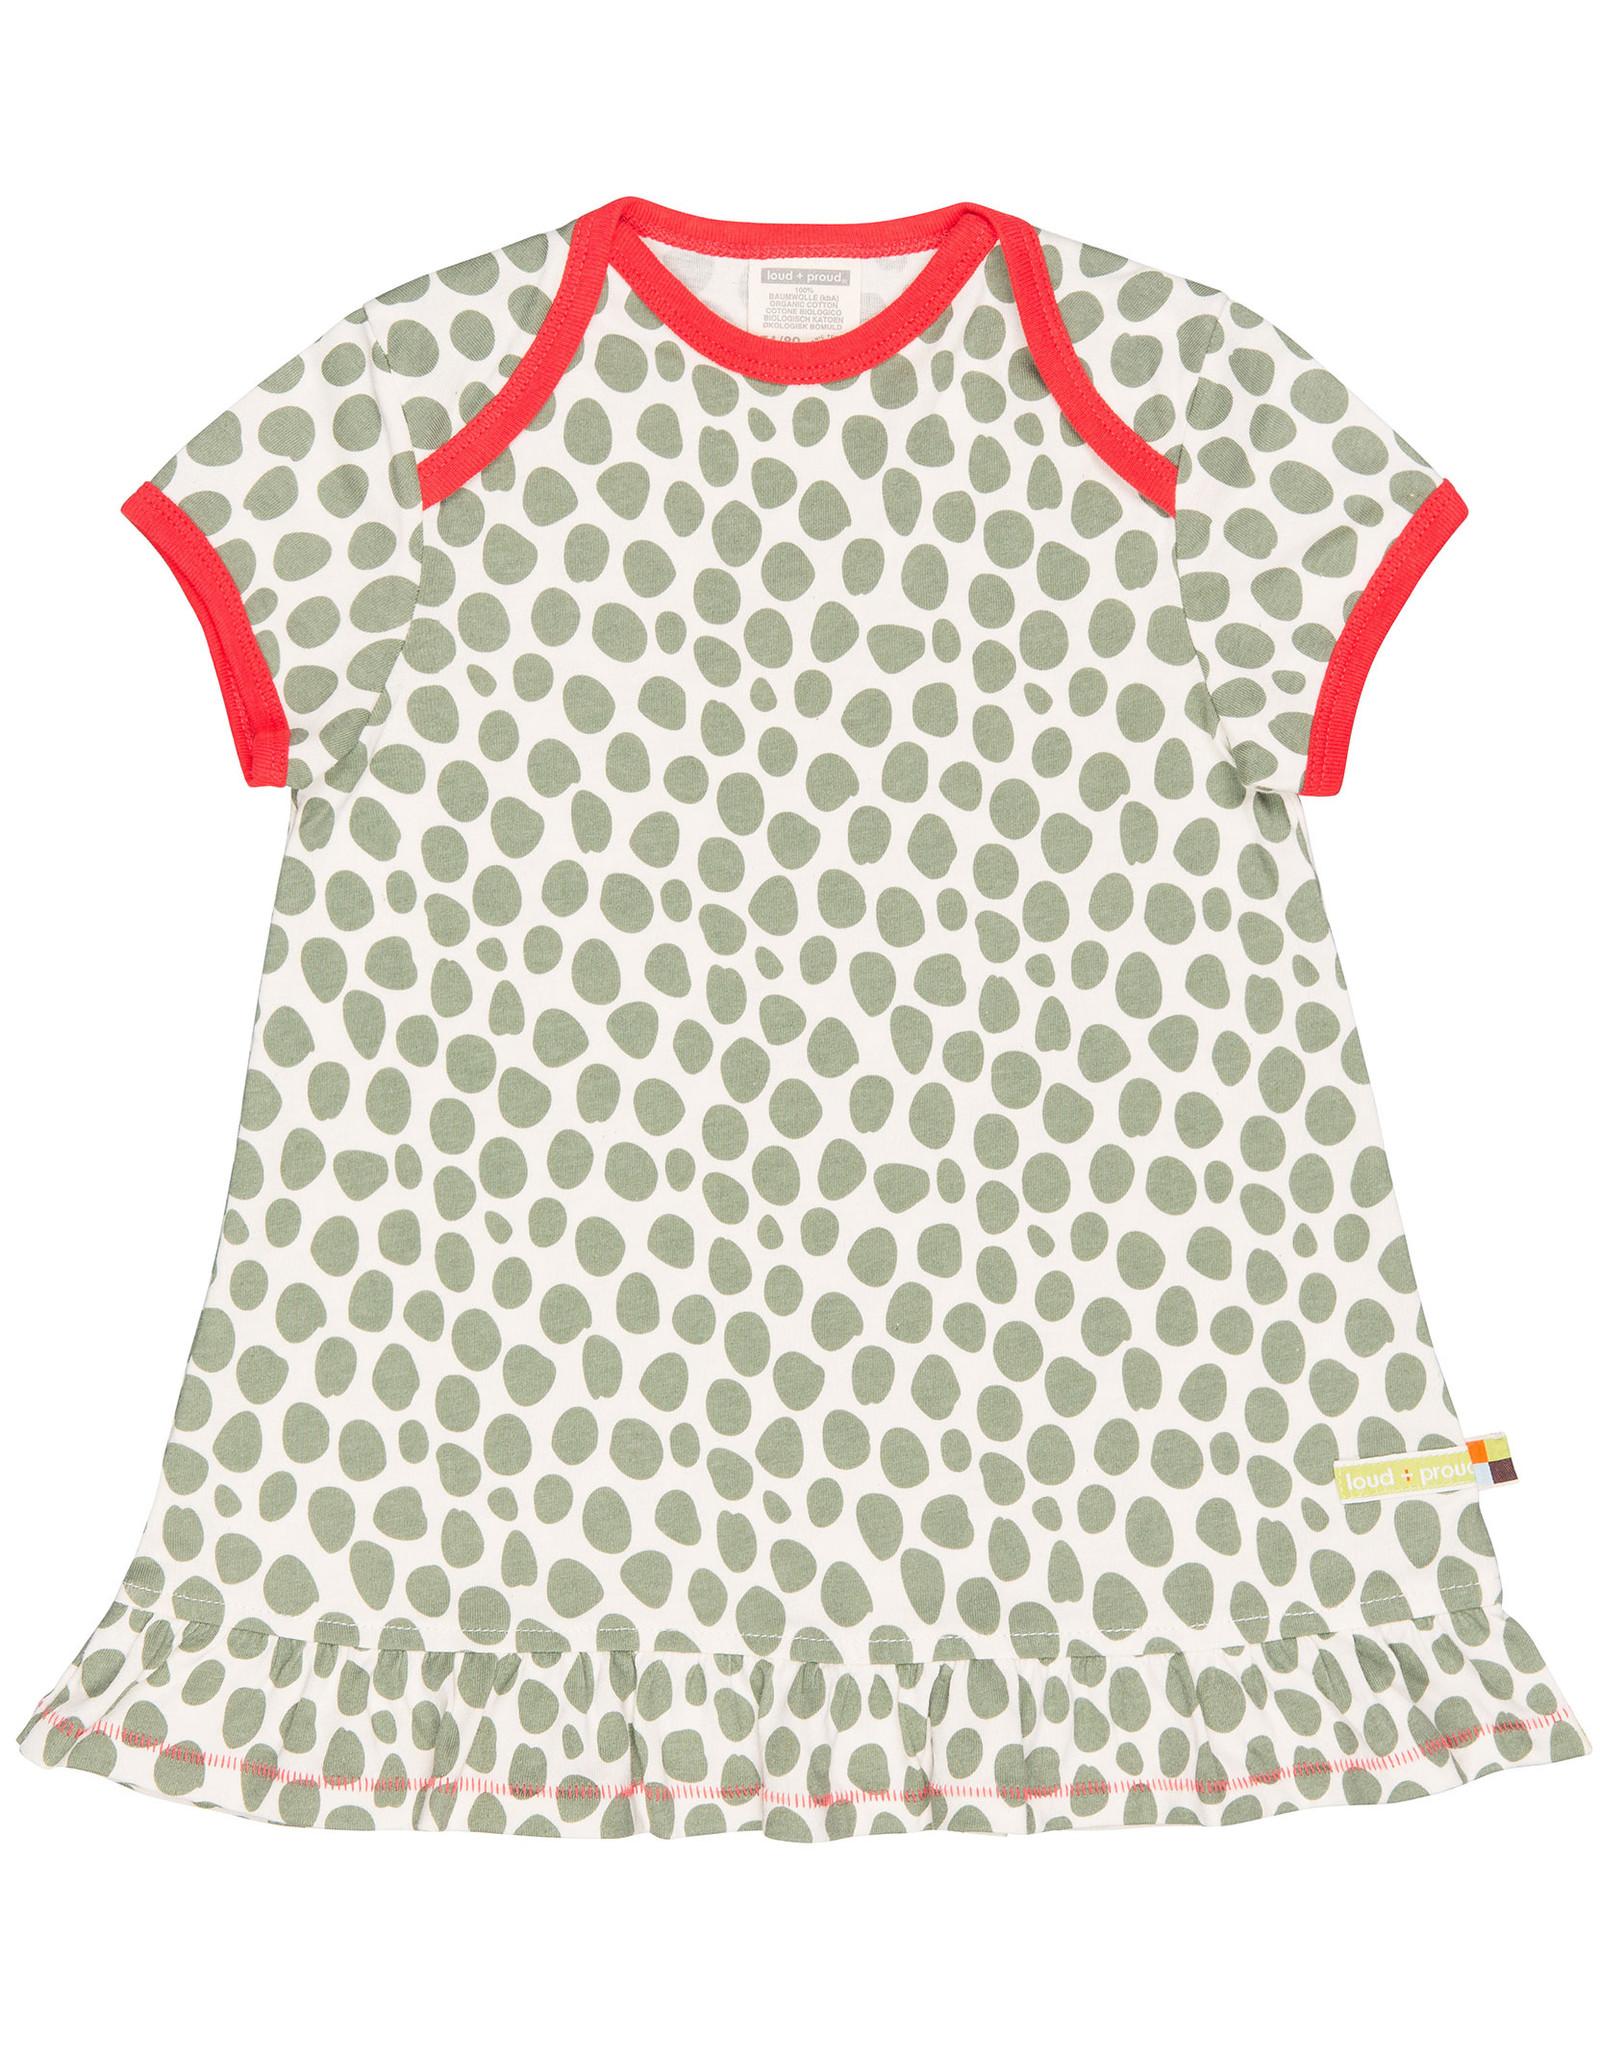 loud+proud Summer dress - leopard spots